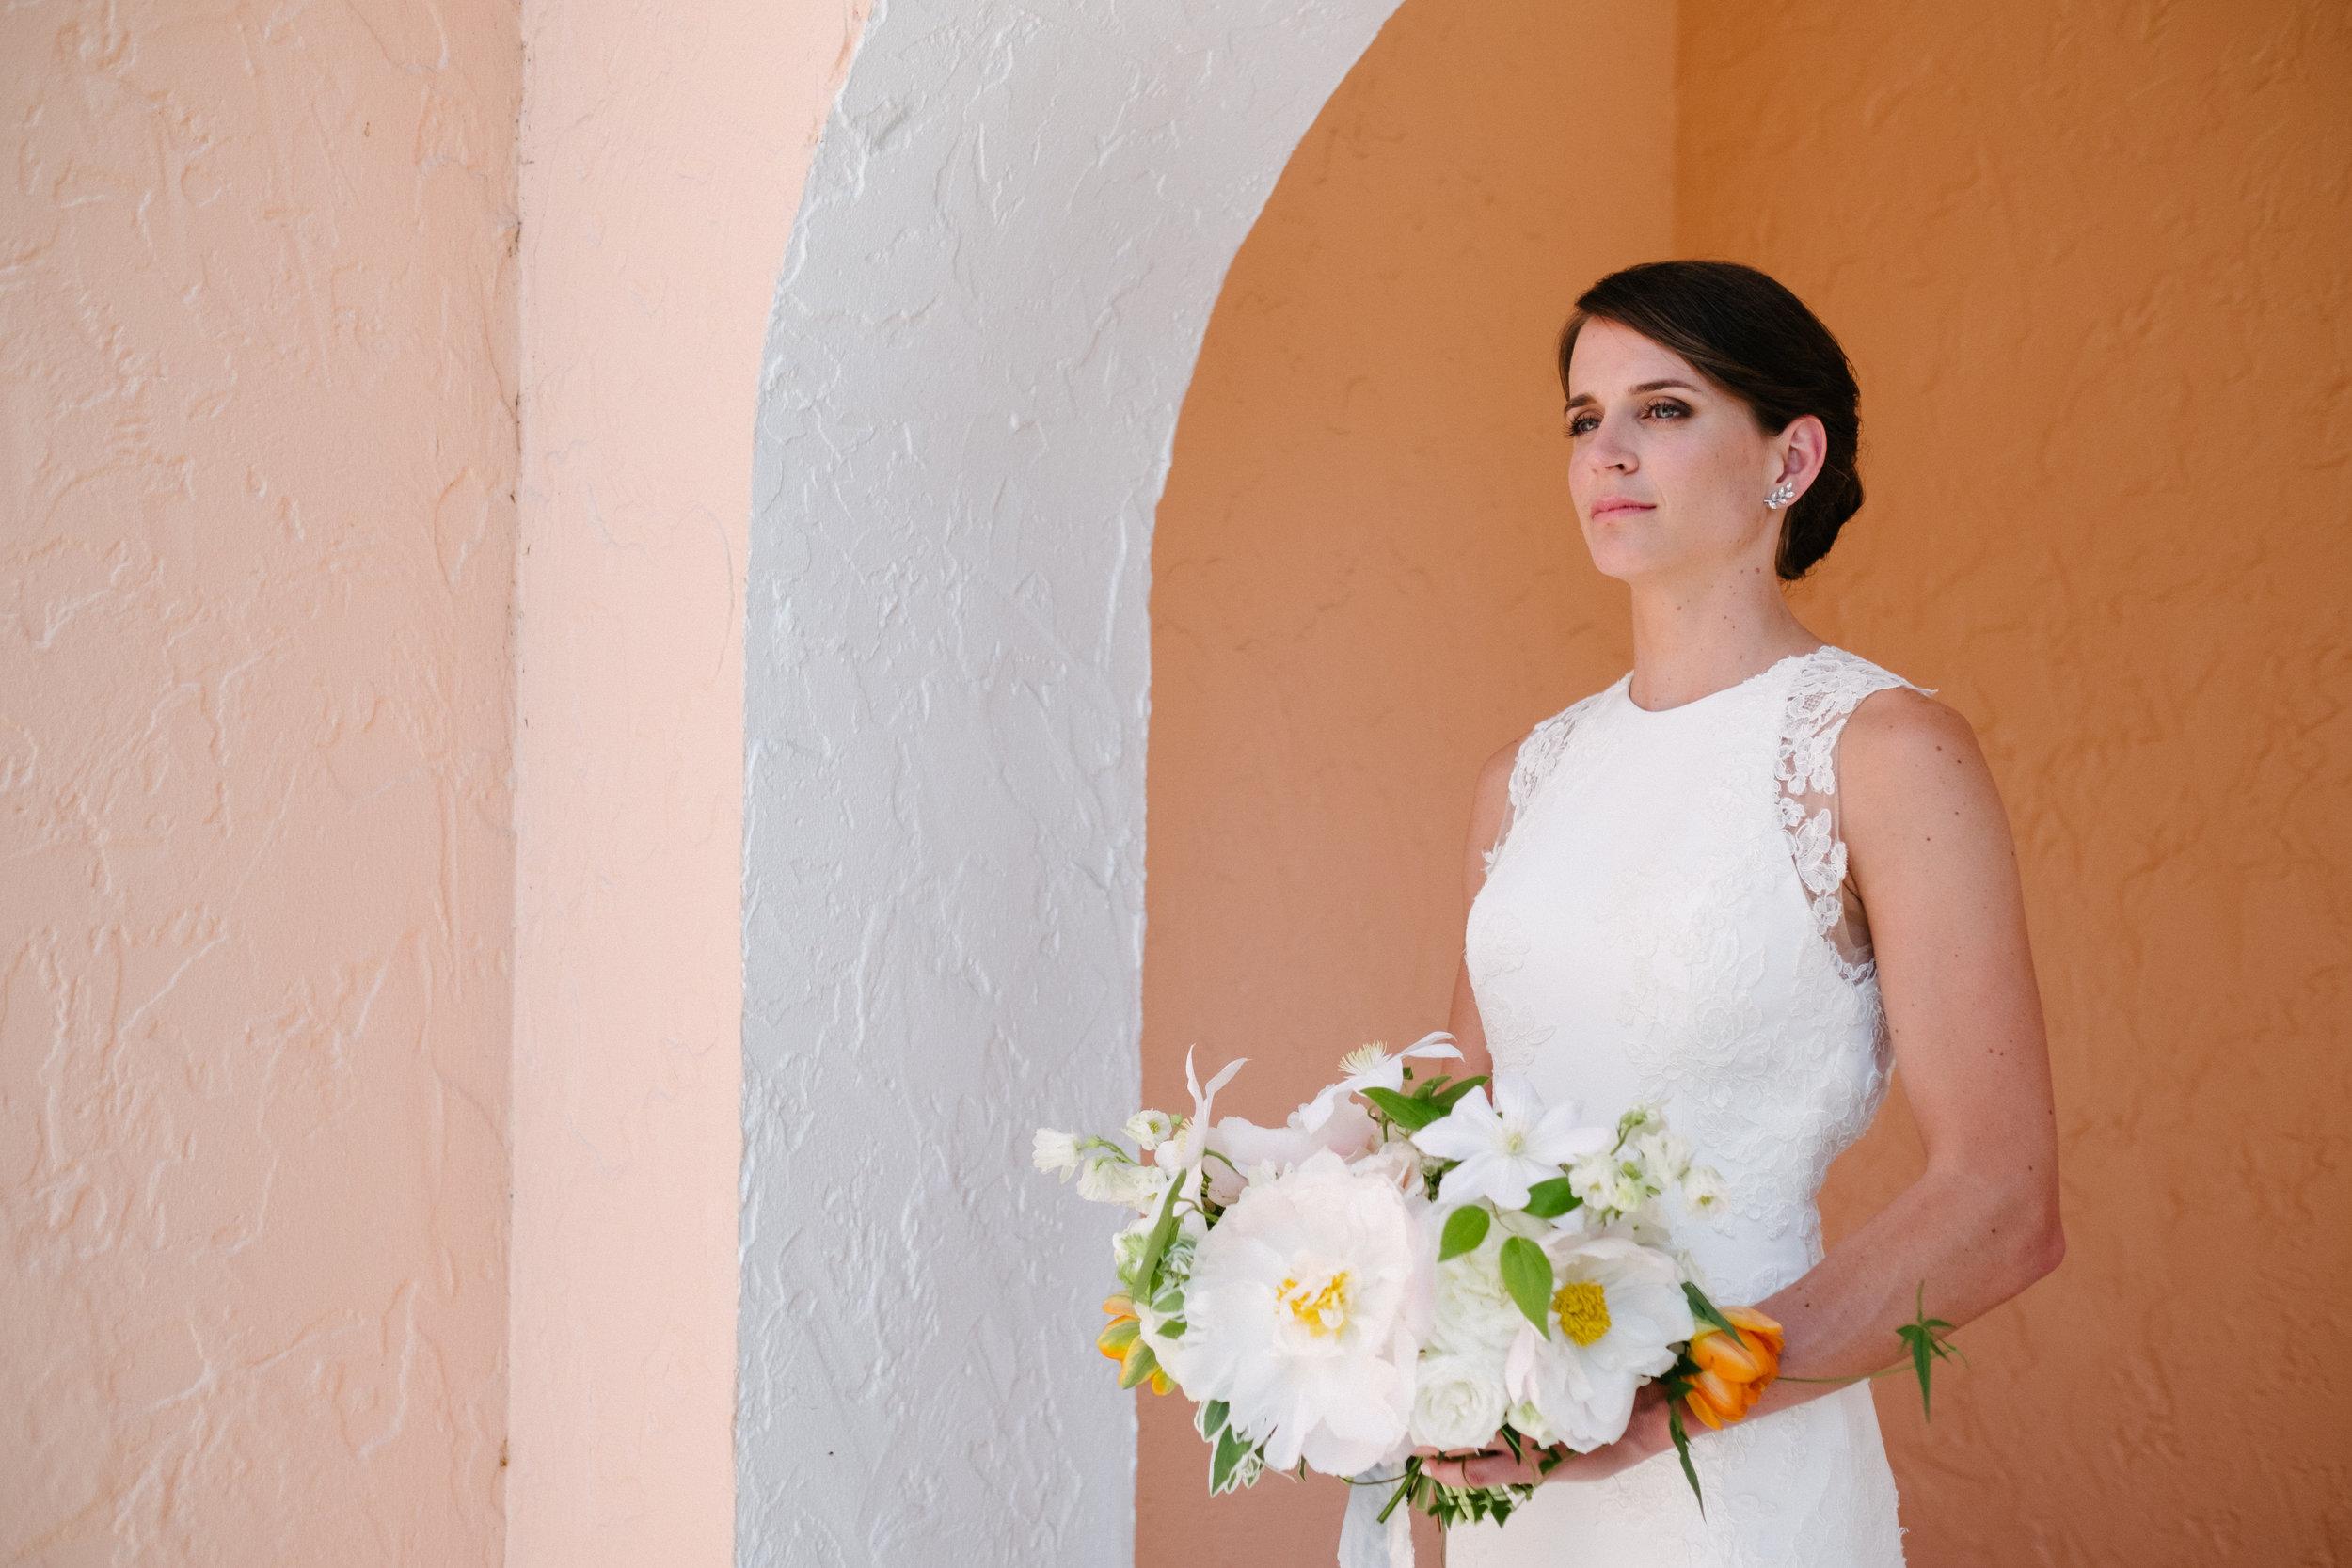 flagler-museum-bridal-bouquet